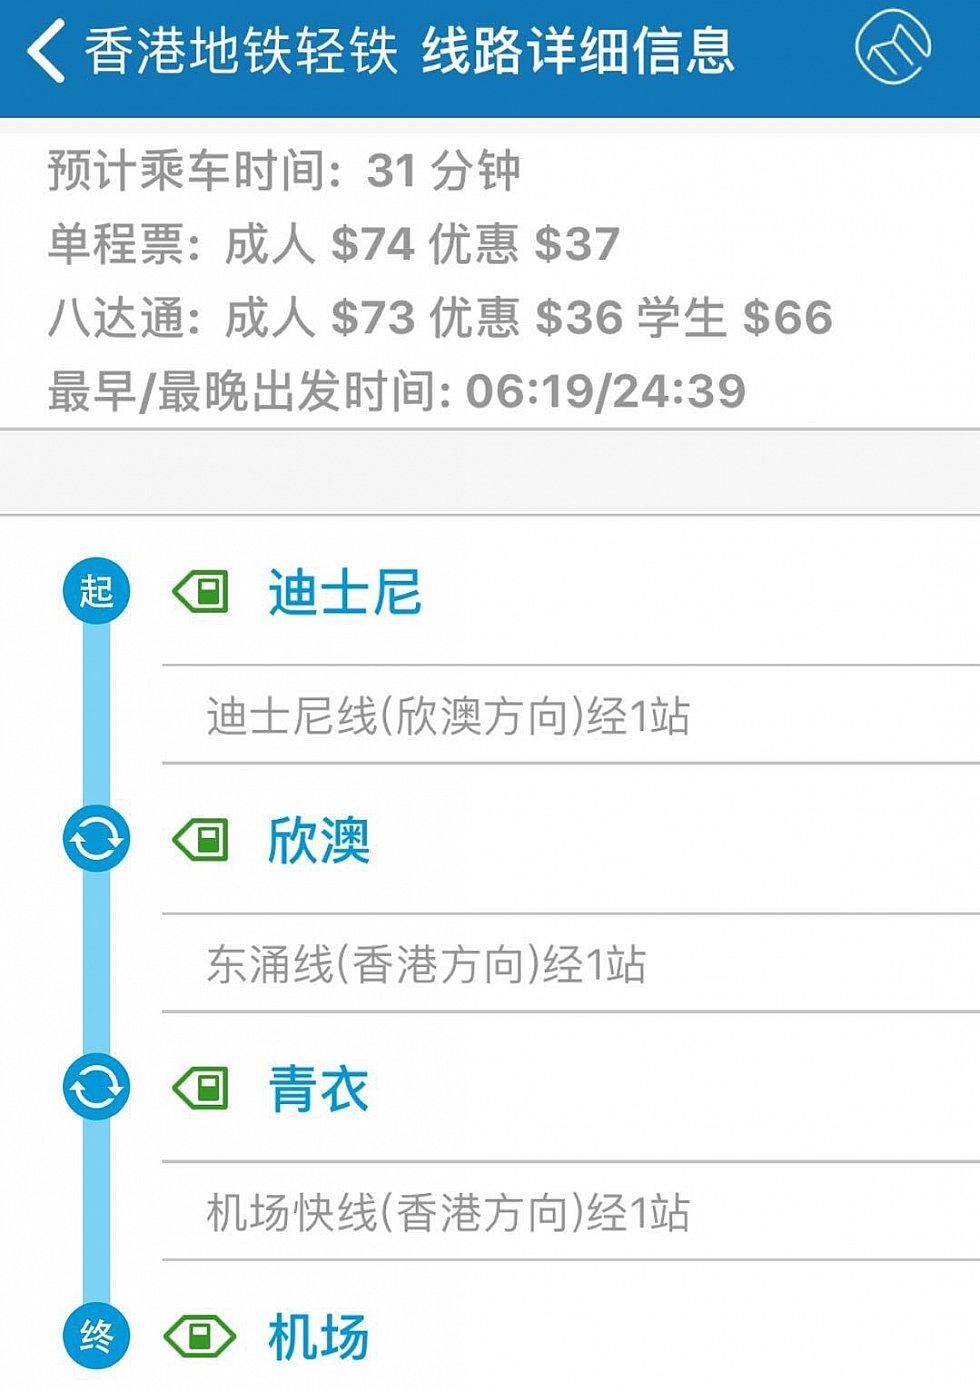 アプリの情報ではディズニー駅の最終列車(24時39分発)に乗っても空港まで行けそうですね。